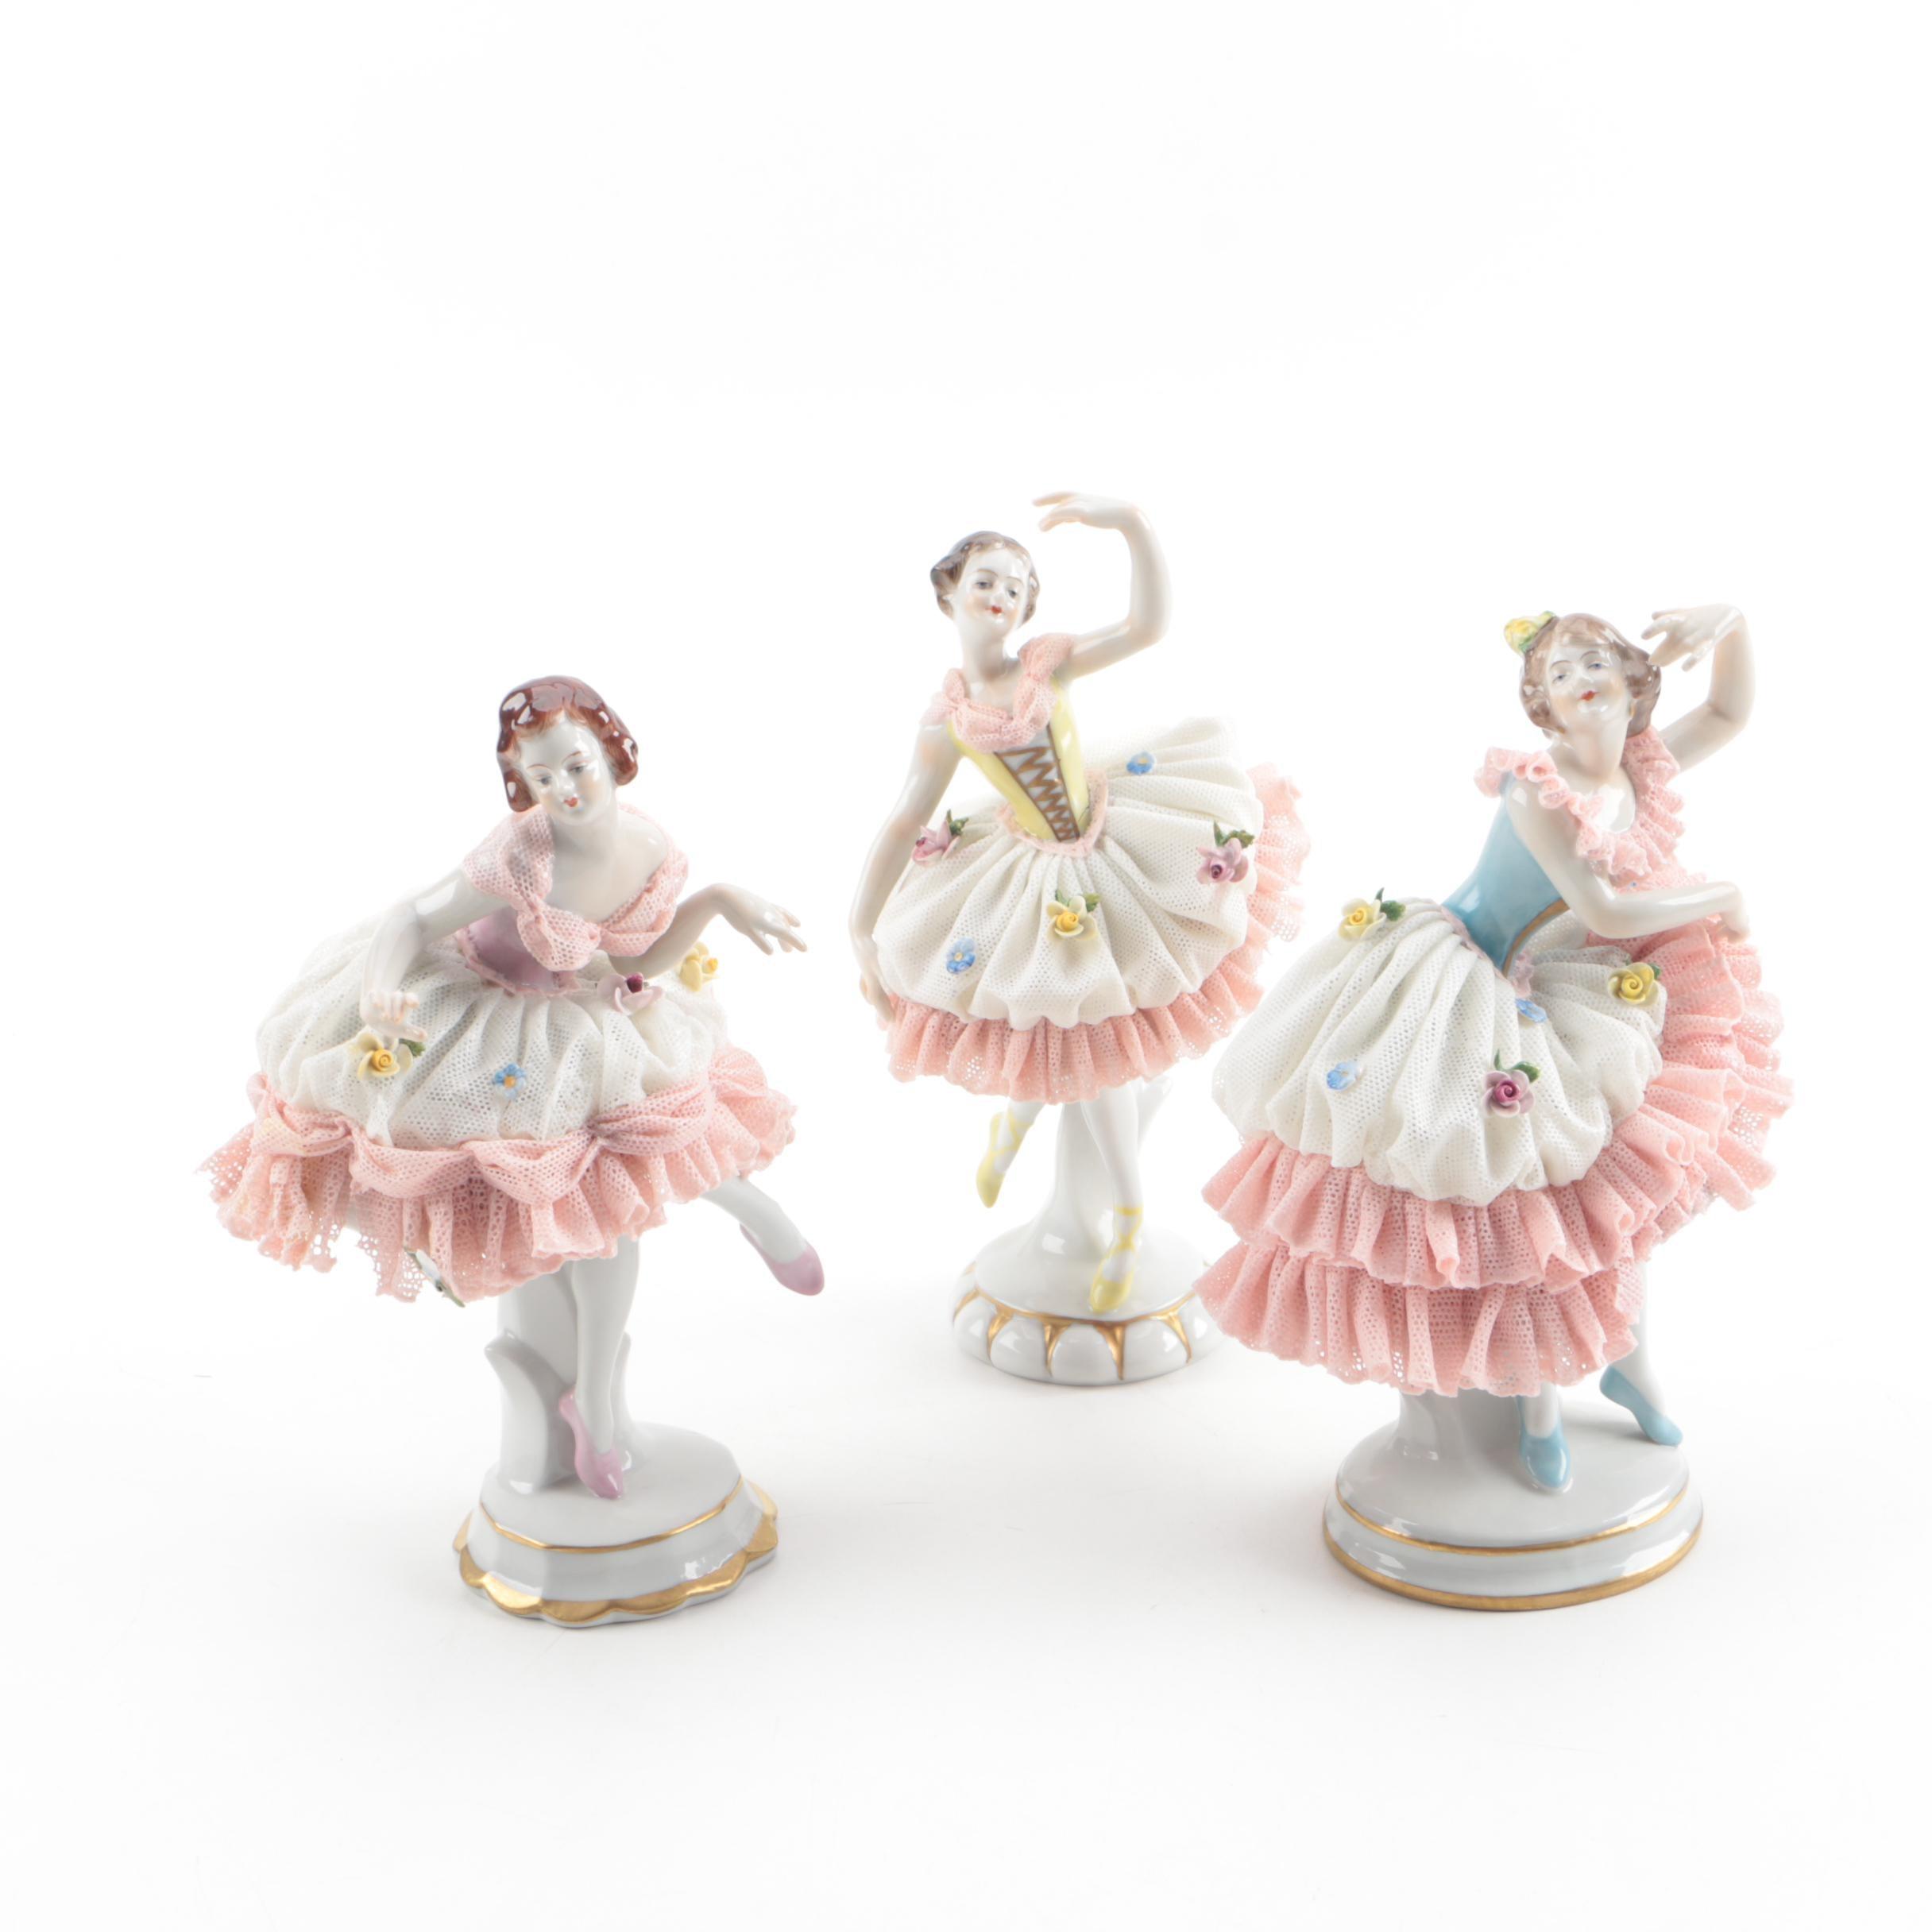 Aelteste Volkstedter Dresden Lace Porcelain Ballerina Figurines